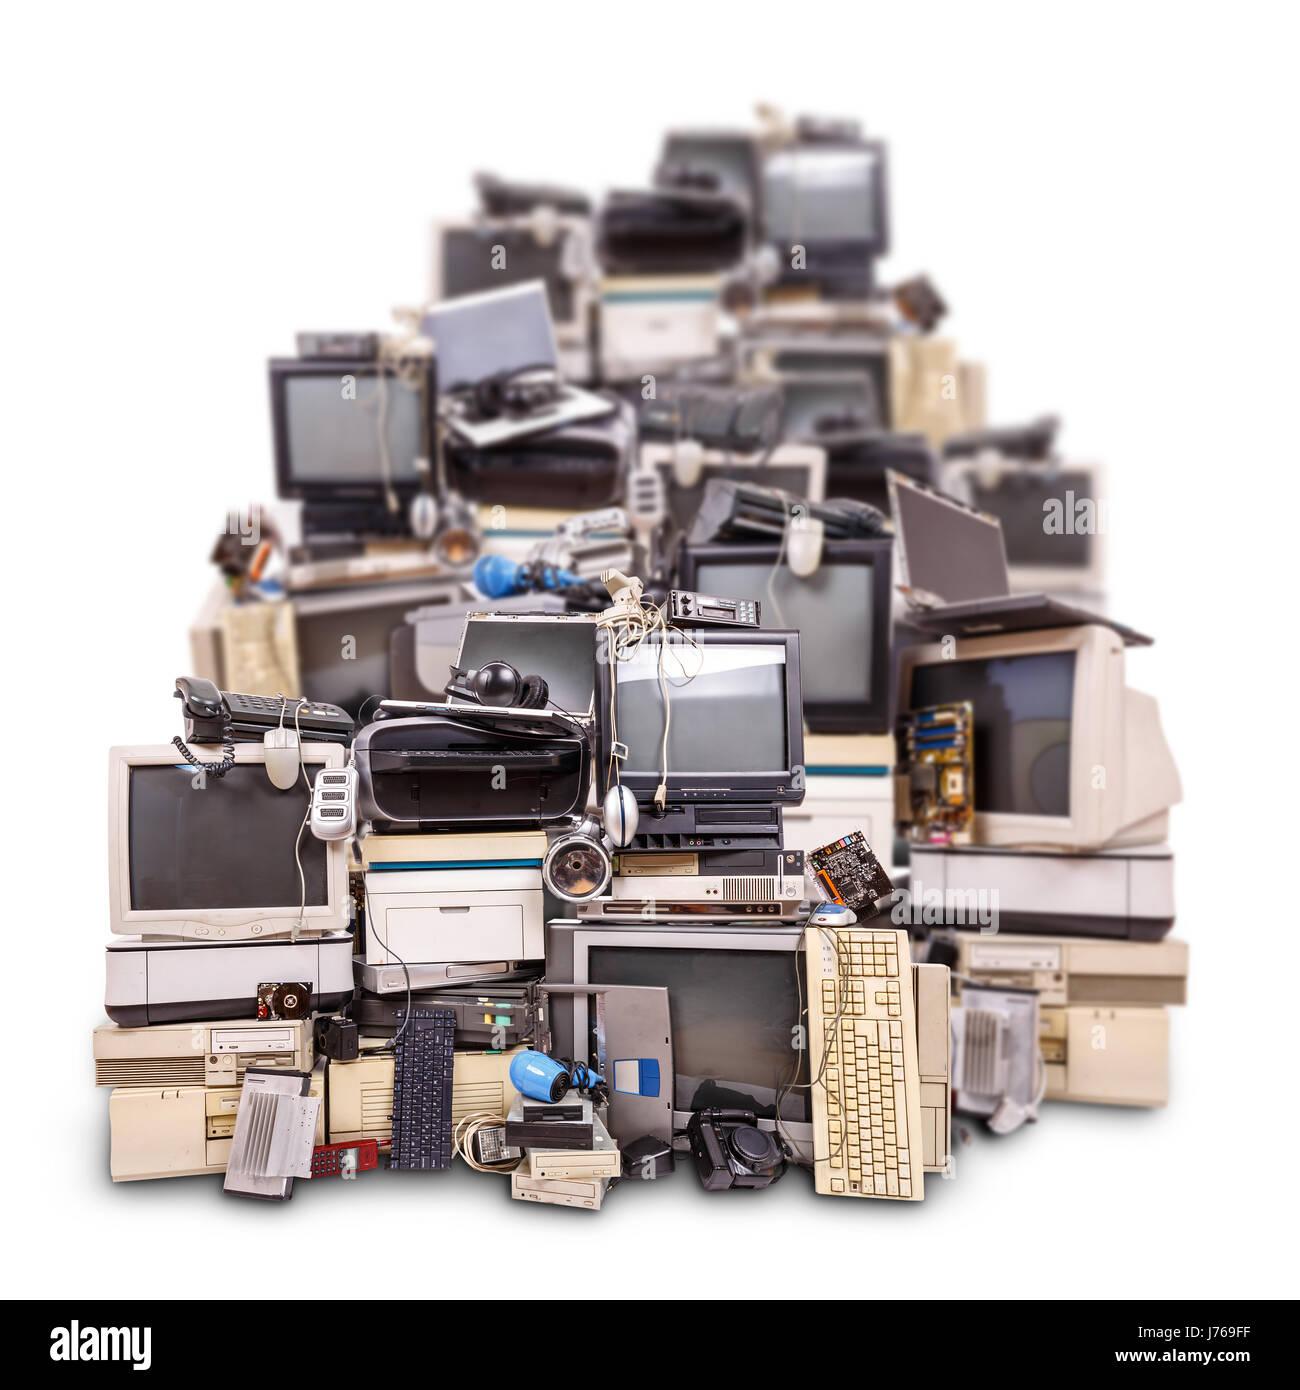 Listo para el reciclaje de residuos electrónicos aislado sobre fondo blanco. Imagen De Stock